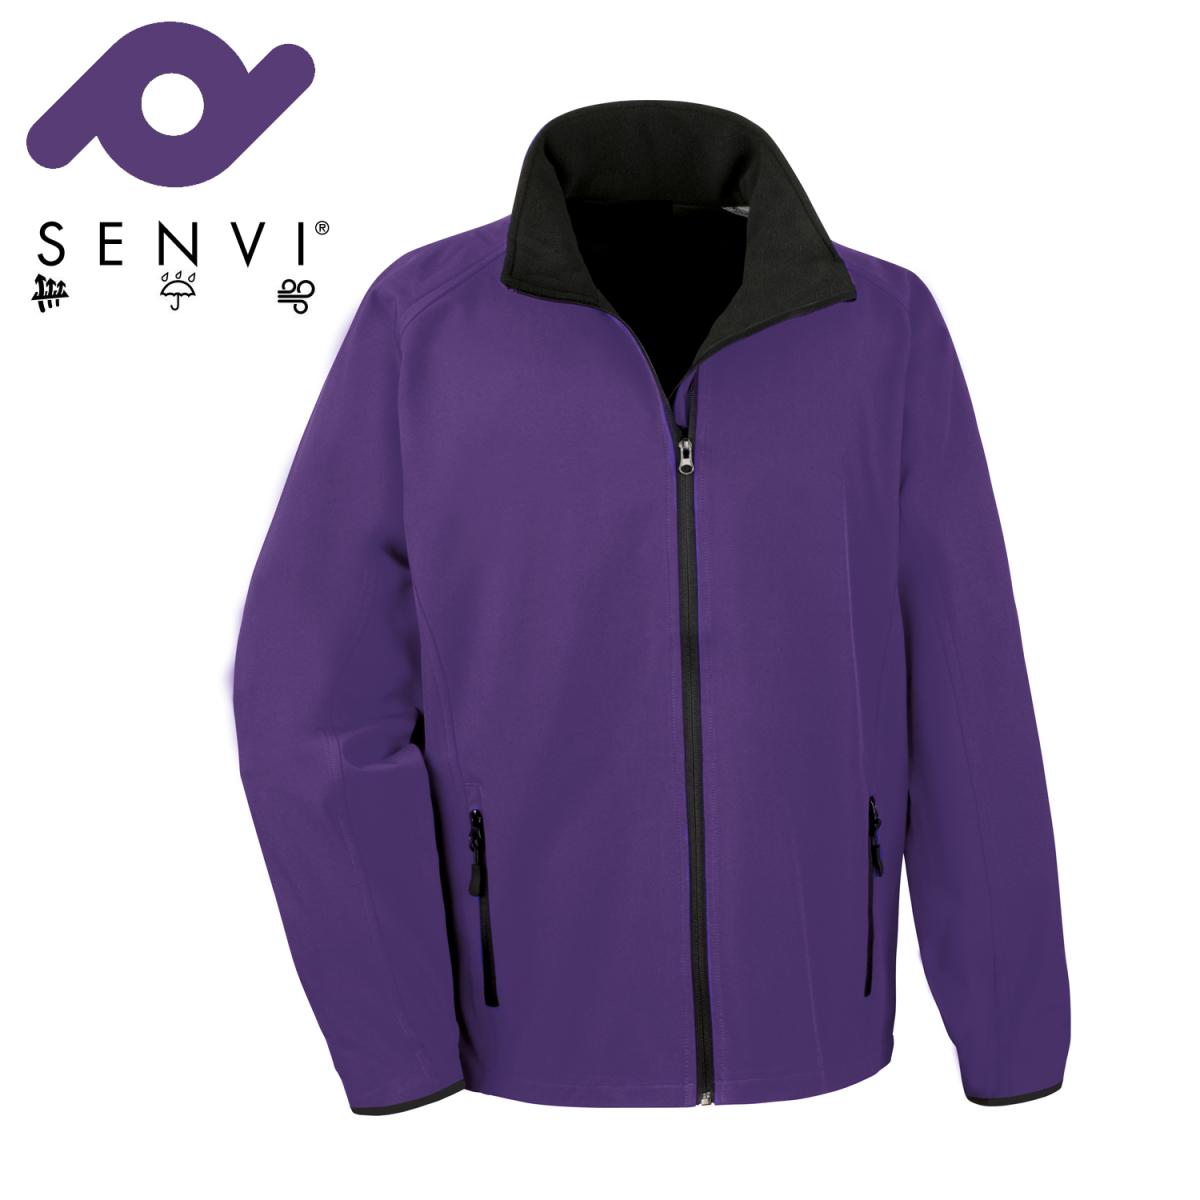 Senvi Softshell Jas - Kleur Paars//Zwart- Maat XXXL (3XL)